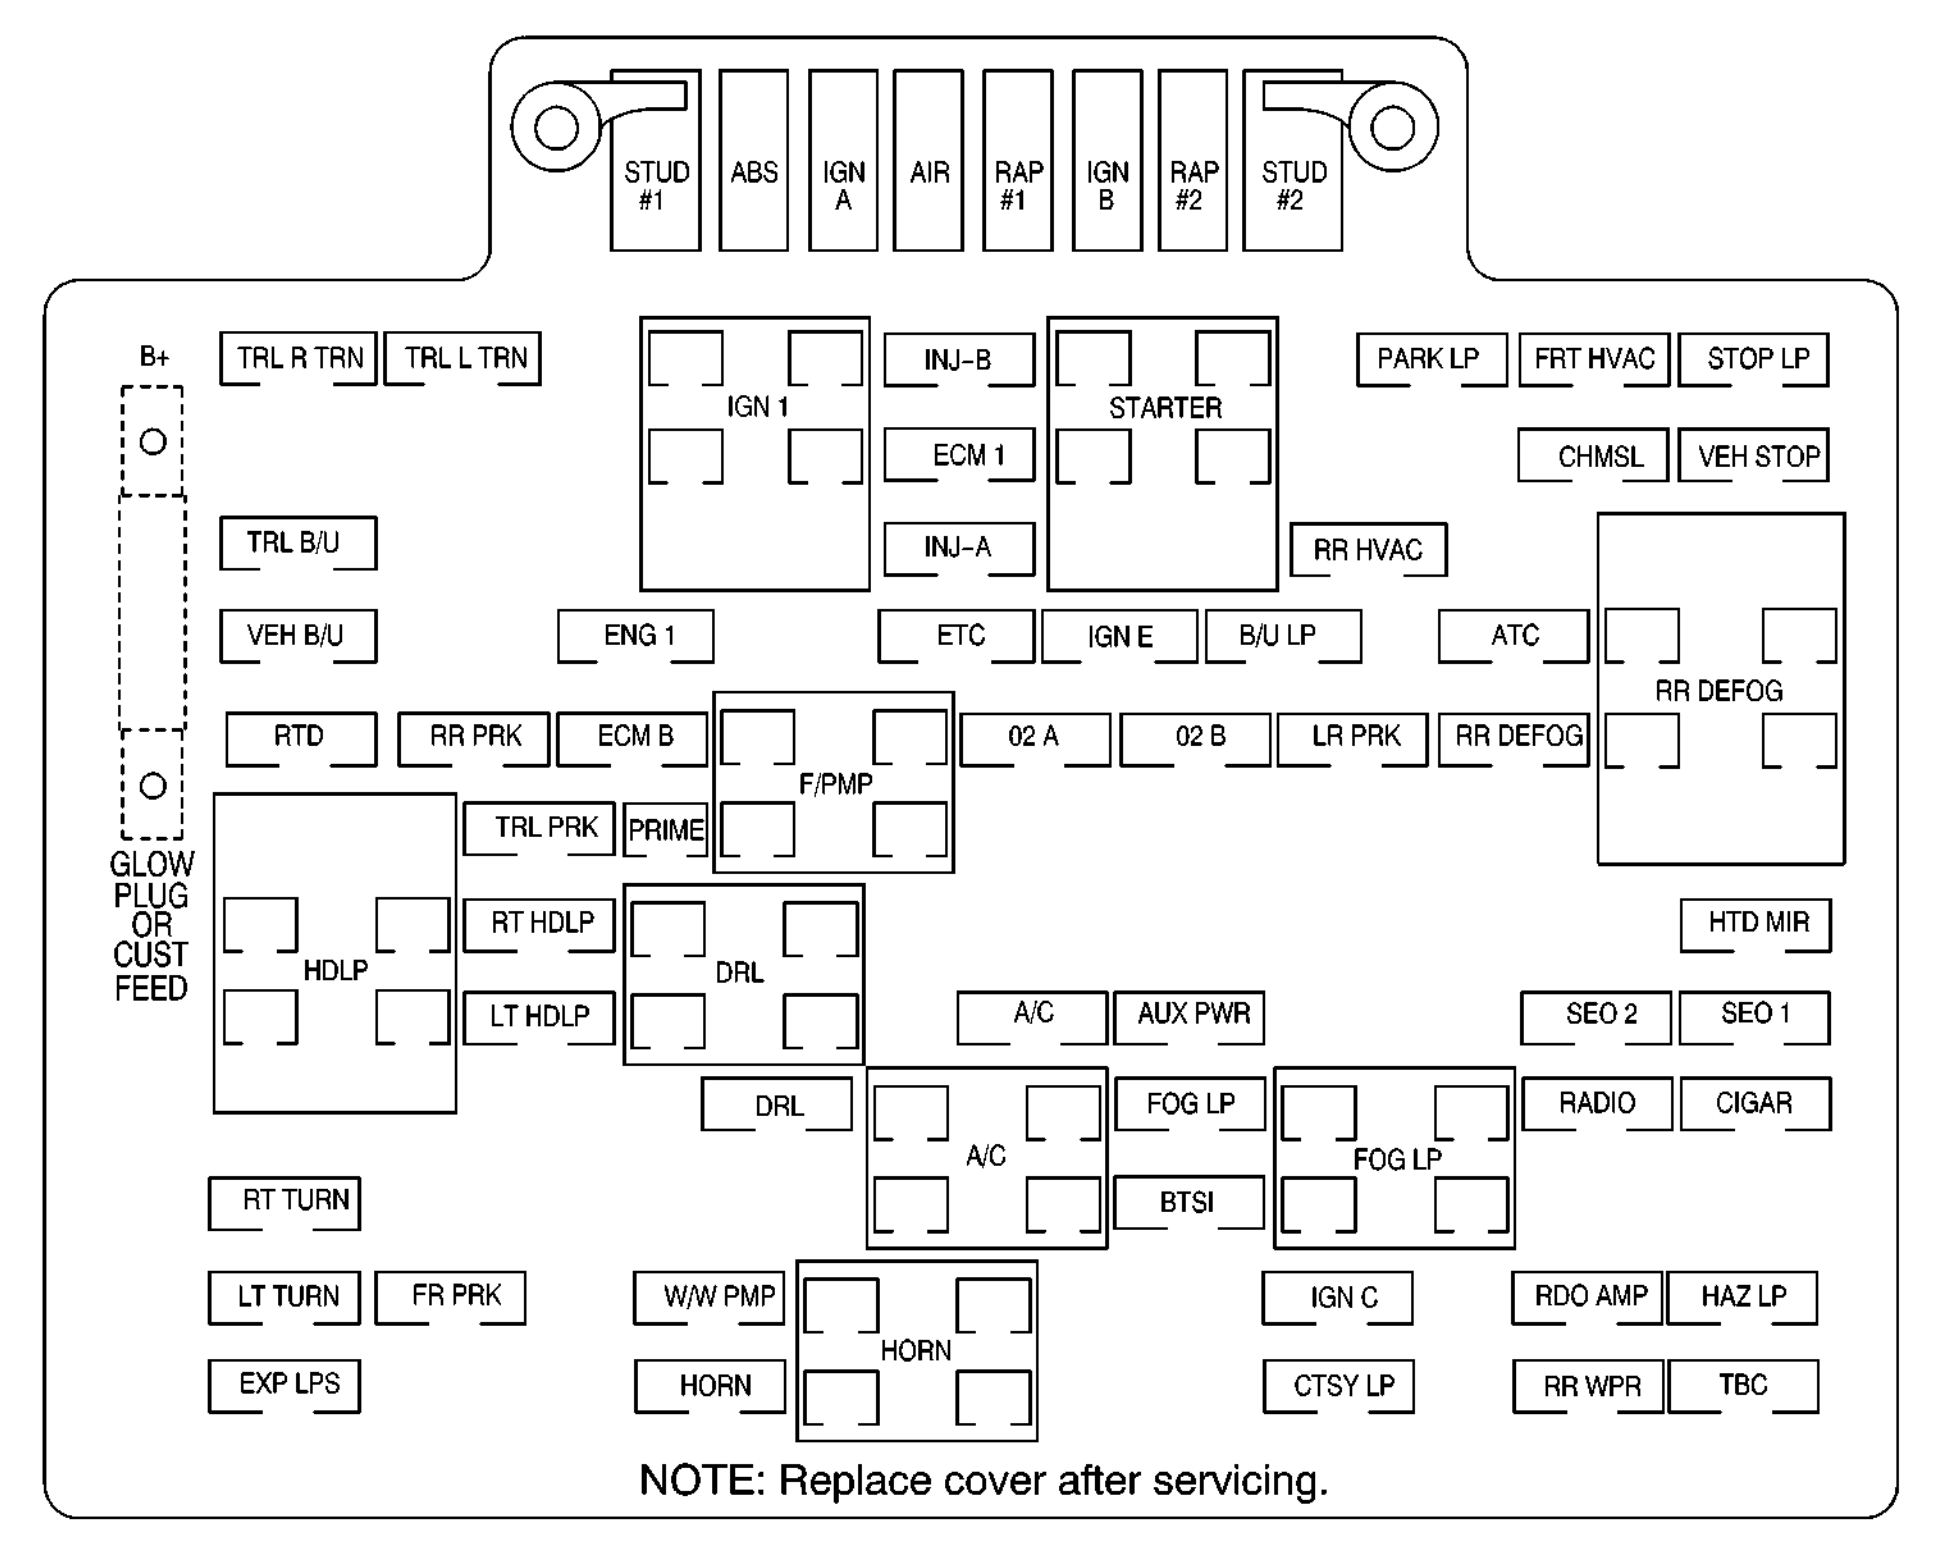 Superb 2002 Tahoe Fuse Diagram Wiring Diagram Database Wiring Cloud Hemtegremohammedshrineorg